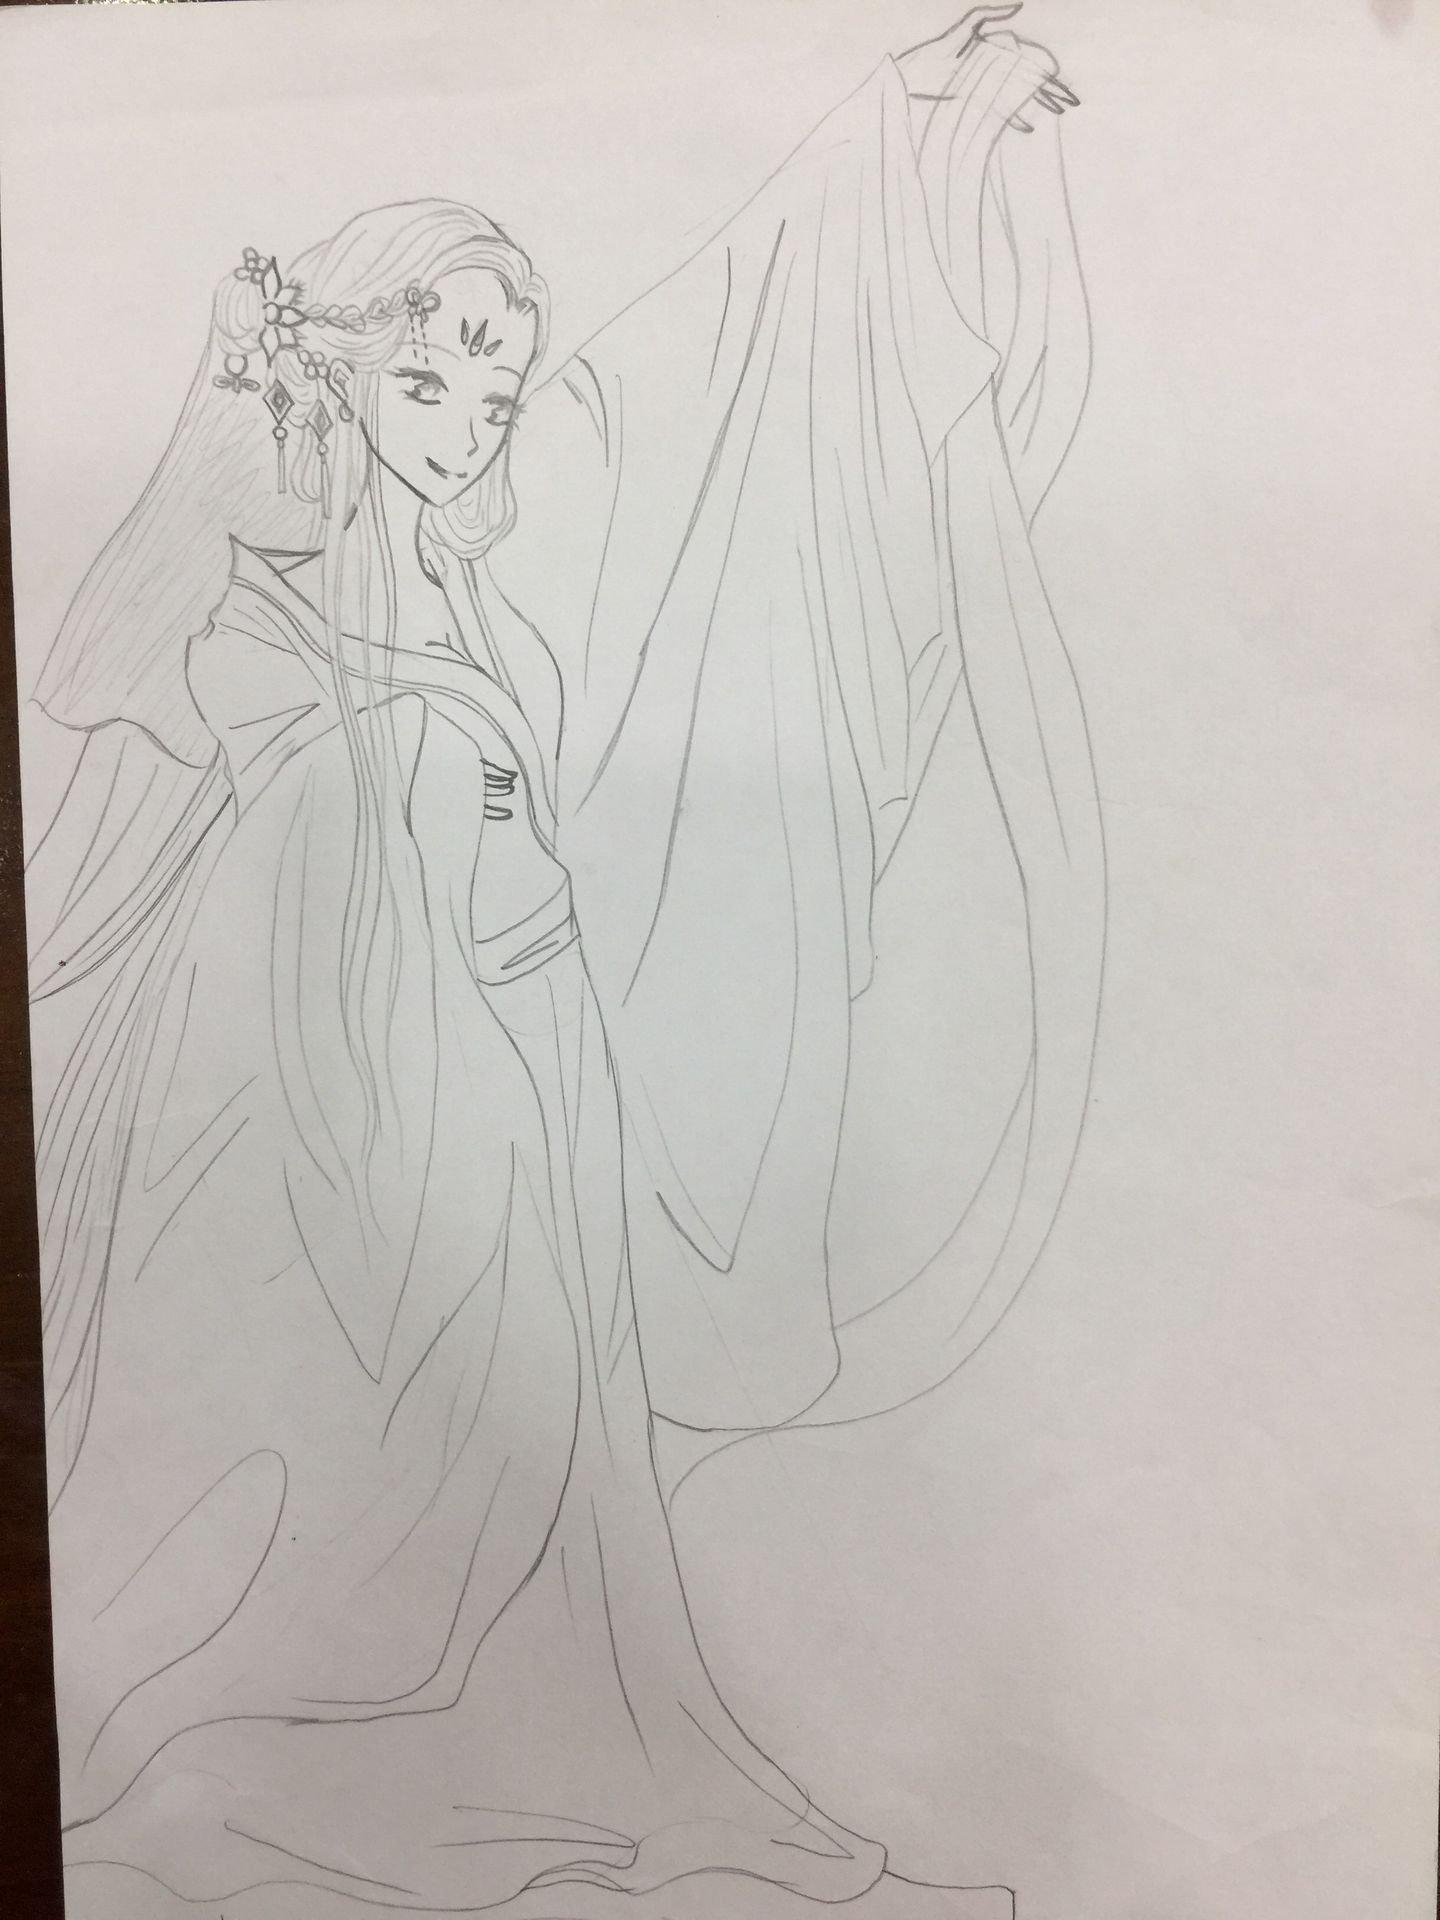 Tranh vẽ bút chì anime